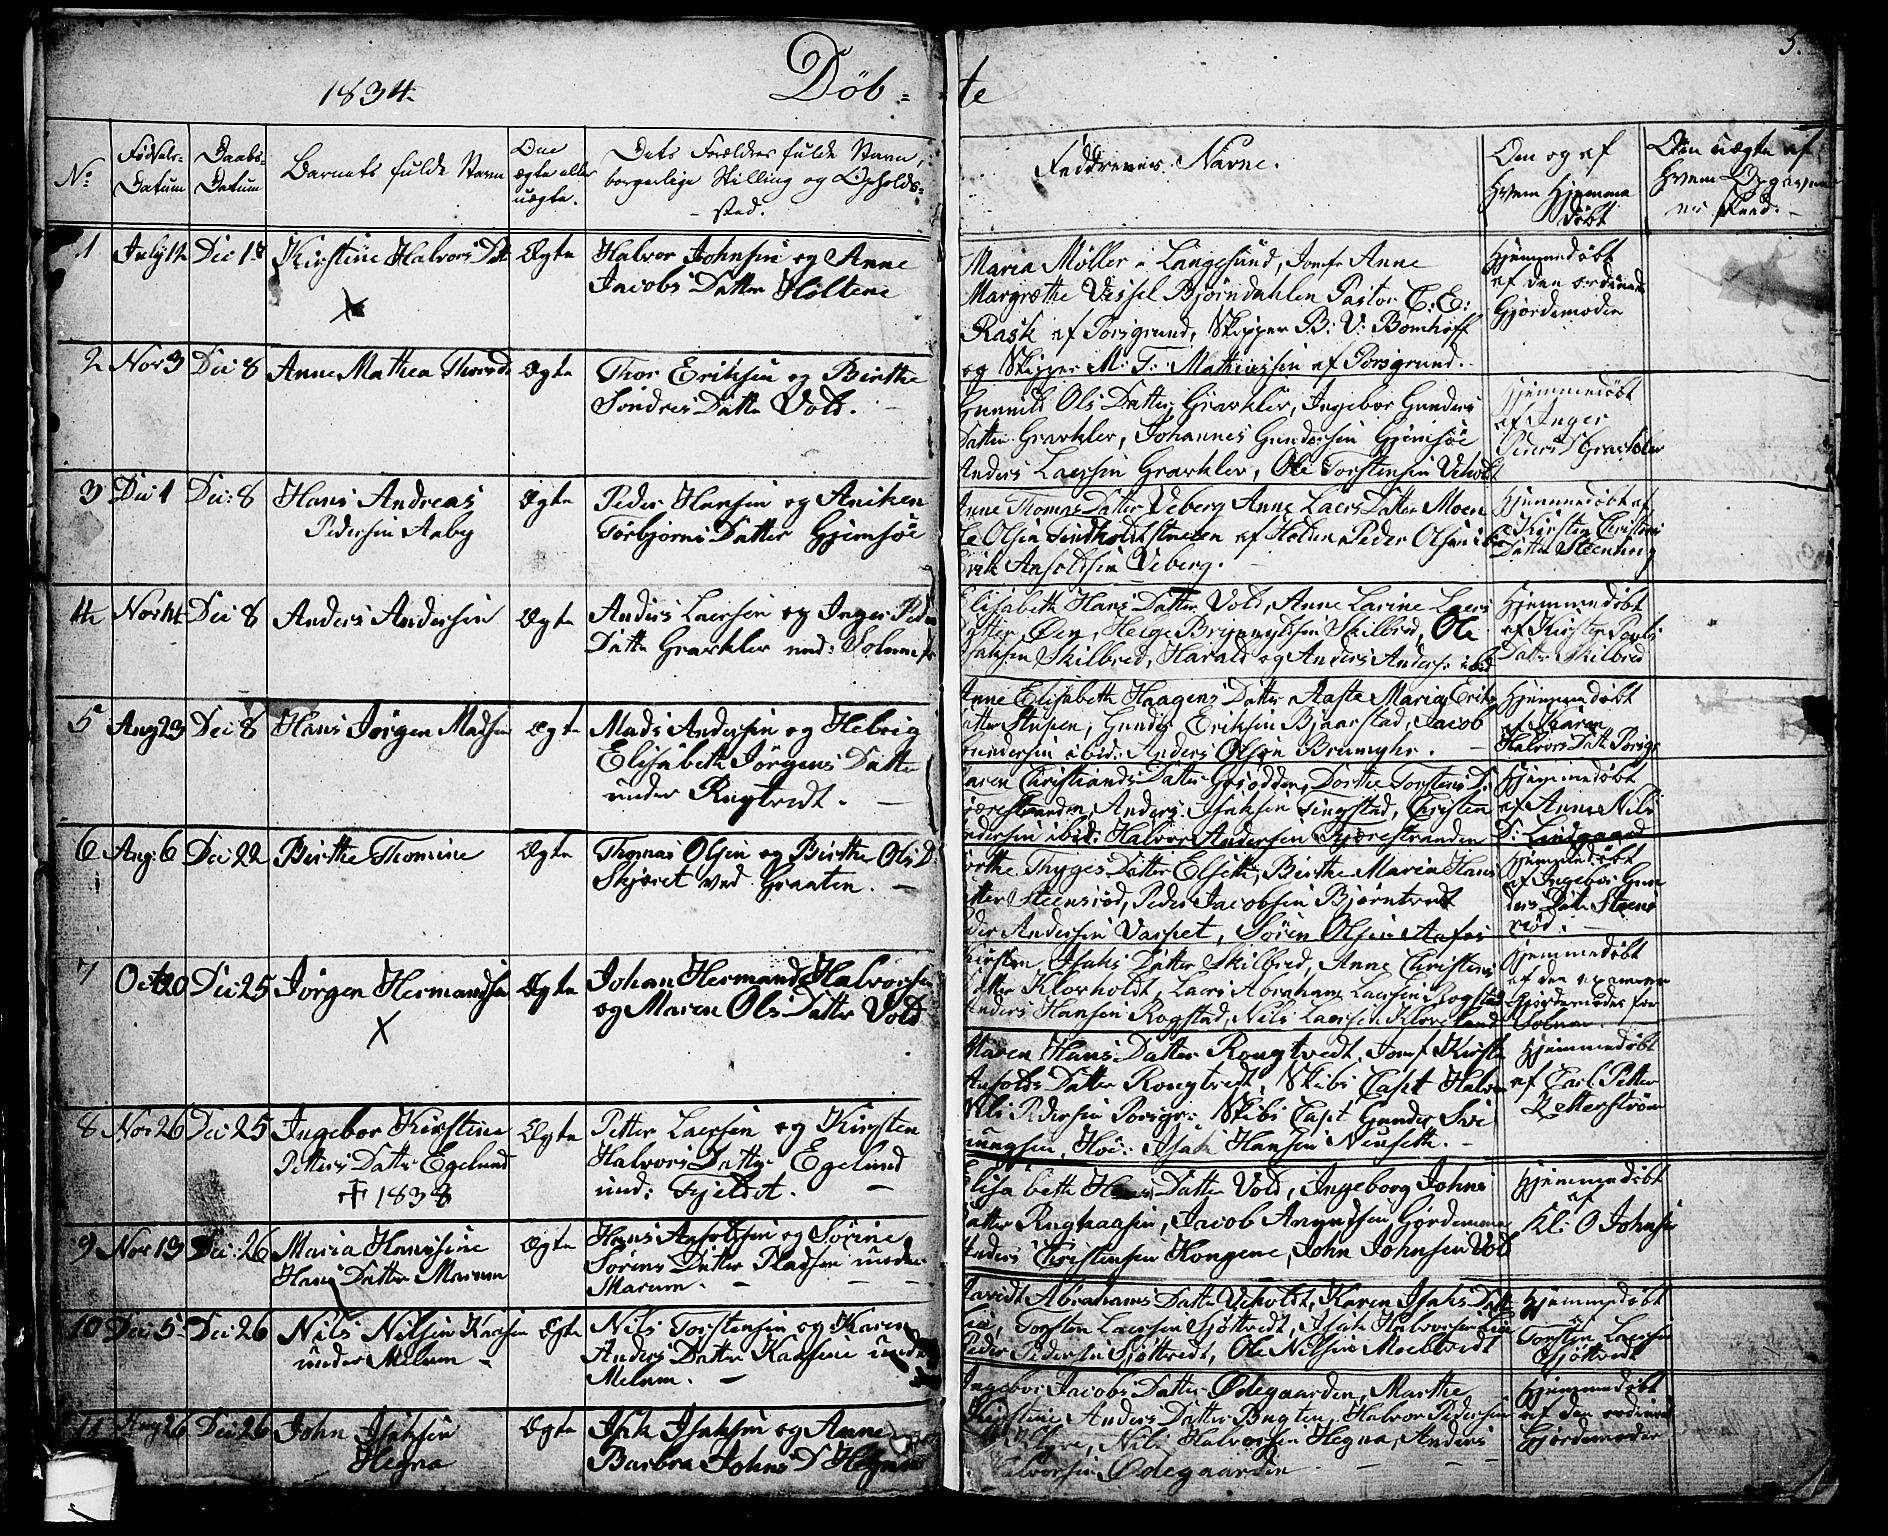 SAKO, Solum kirkebøker, G/Ga/L0002: Klokkerbok nr. I 2, 1834-1848, s. 5